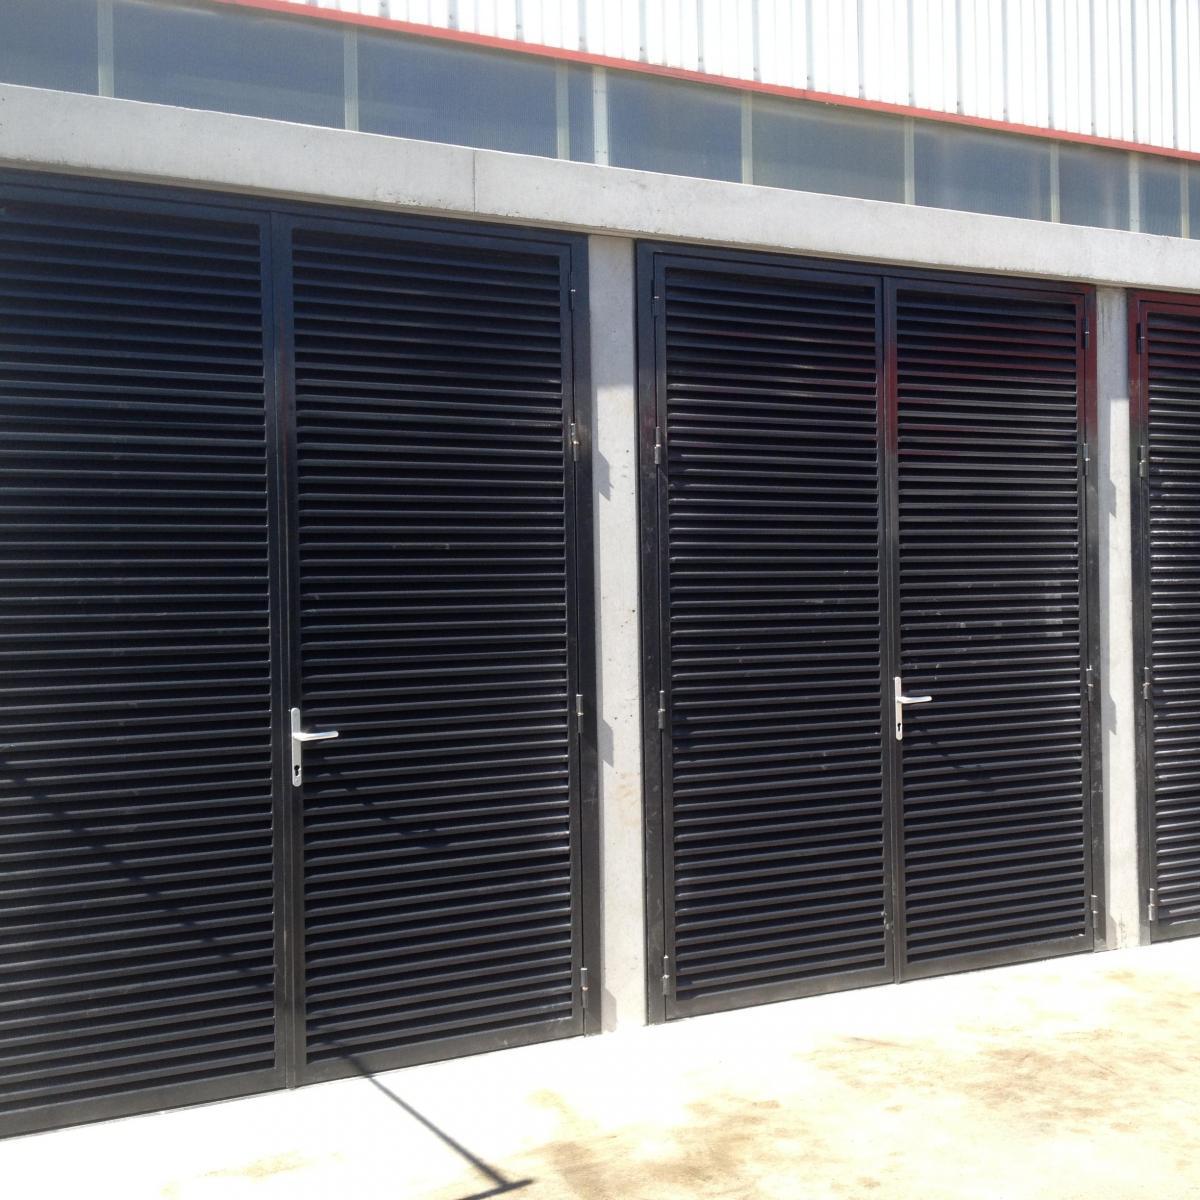 Portes à ventelles installées à l'Aigle<br>